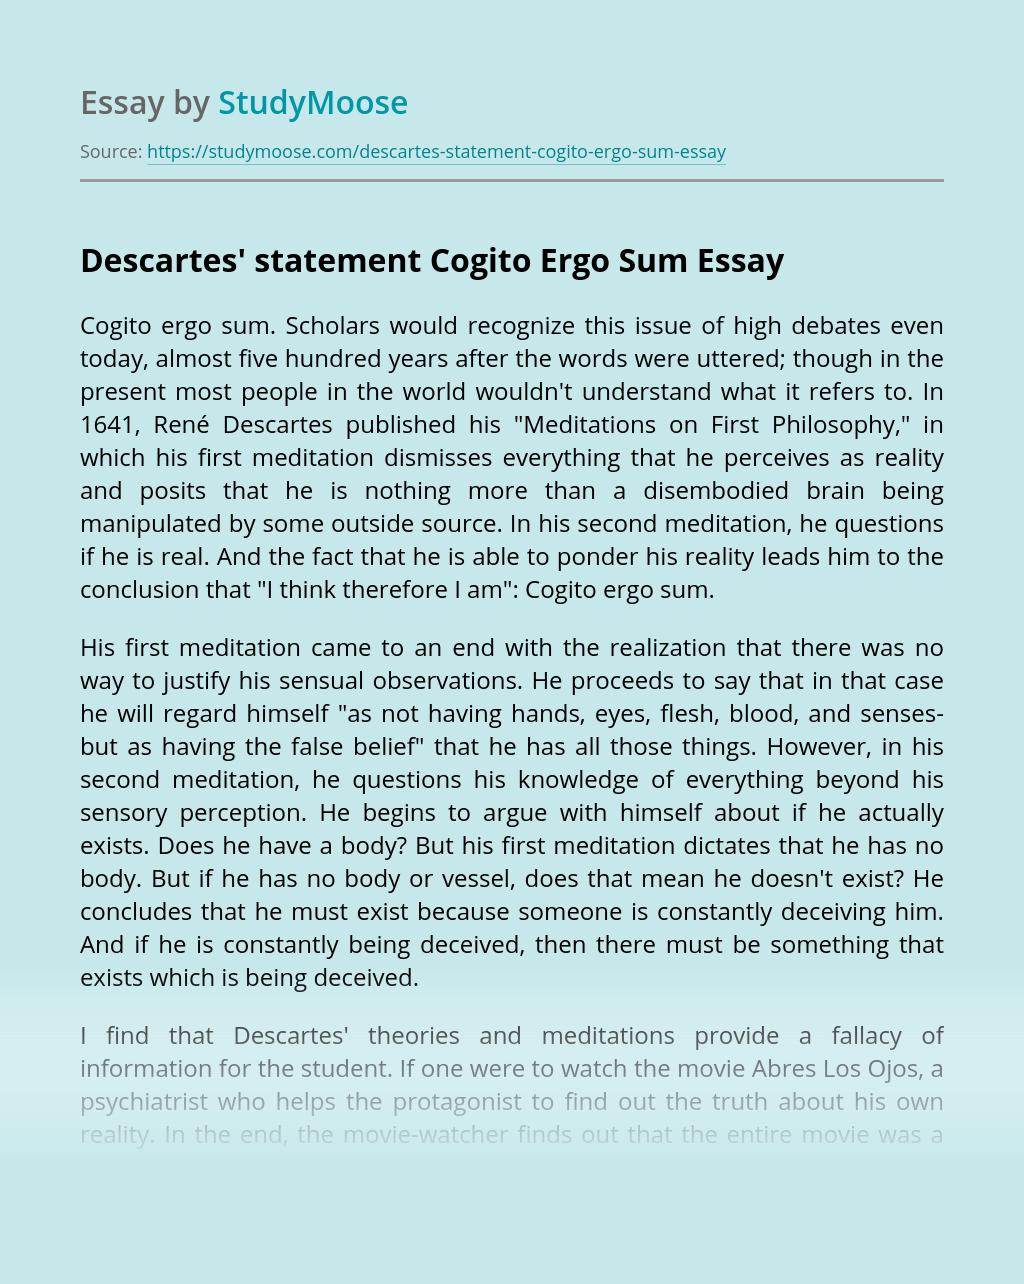 Descartes' statement Cogito Ergo Sum